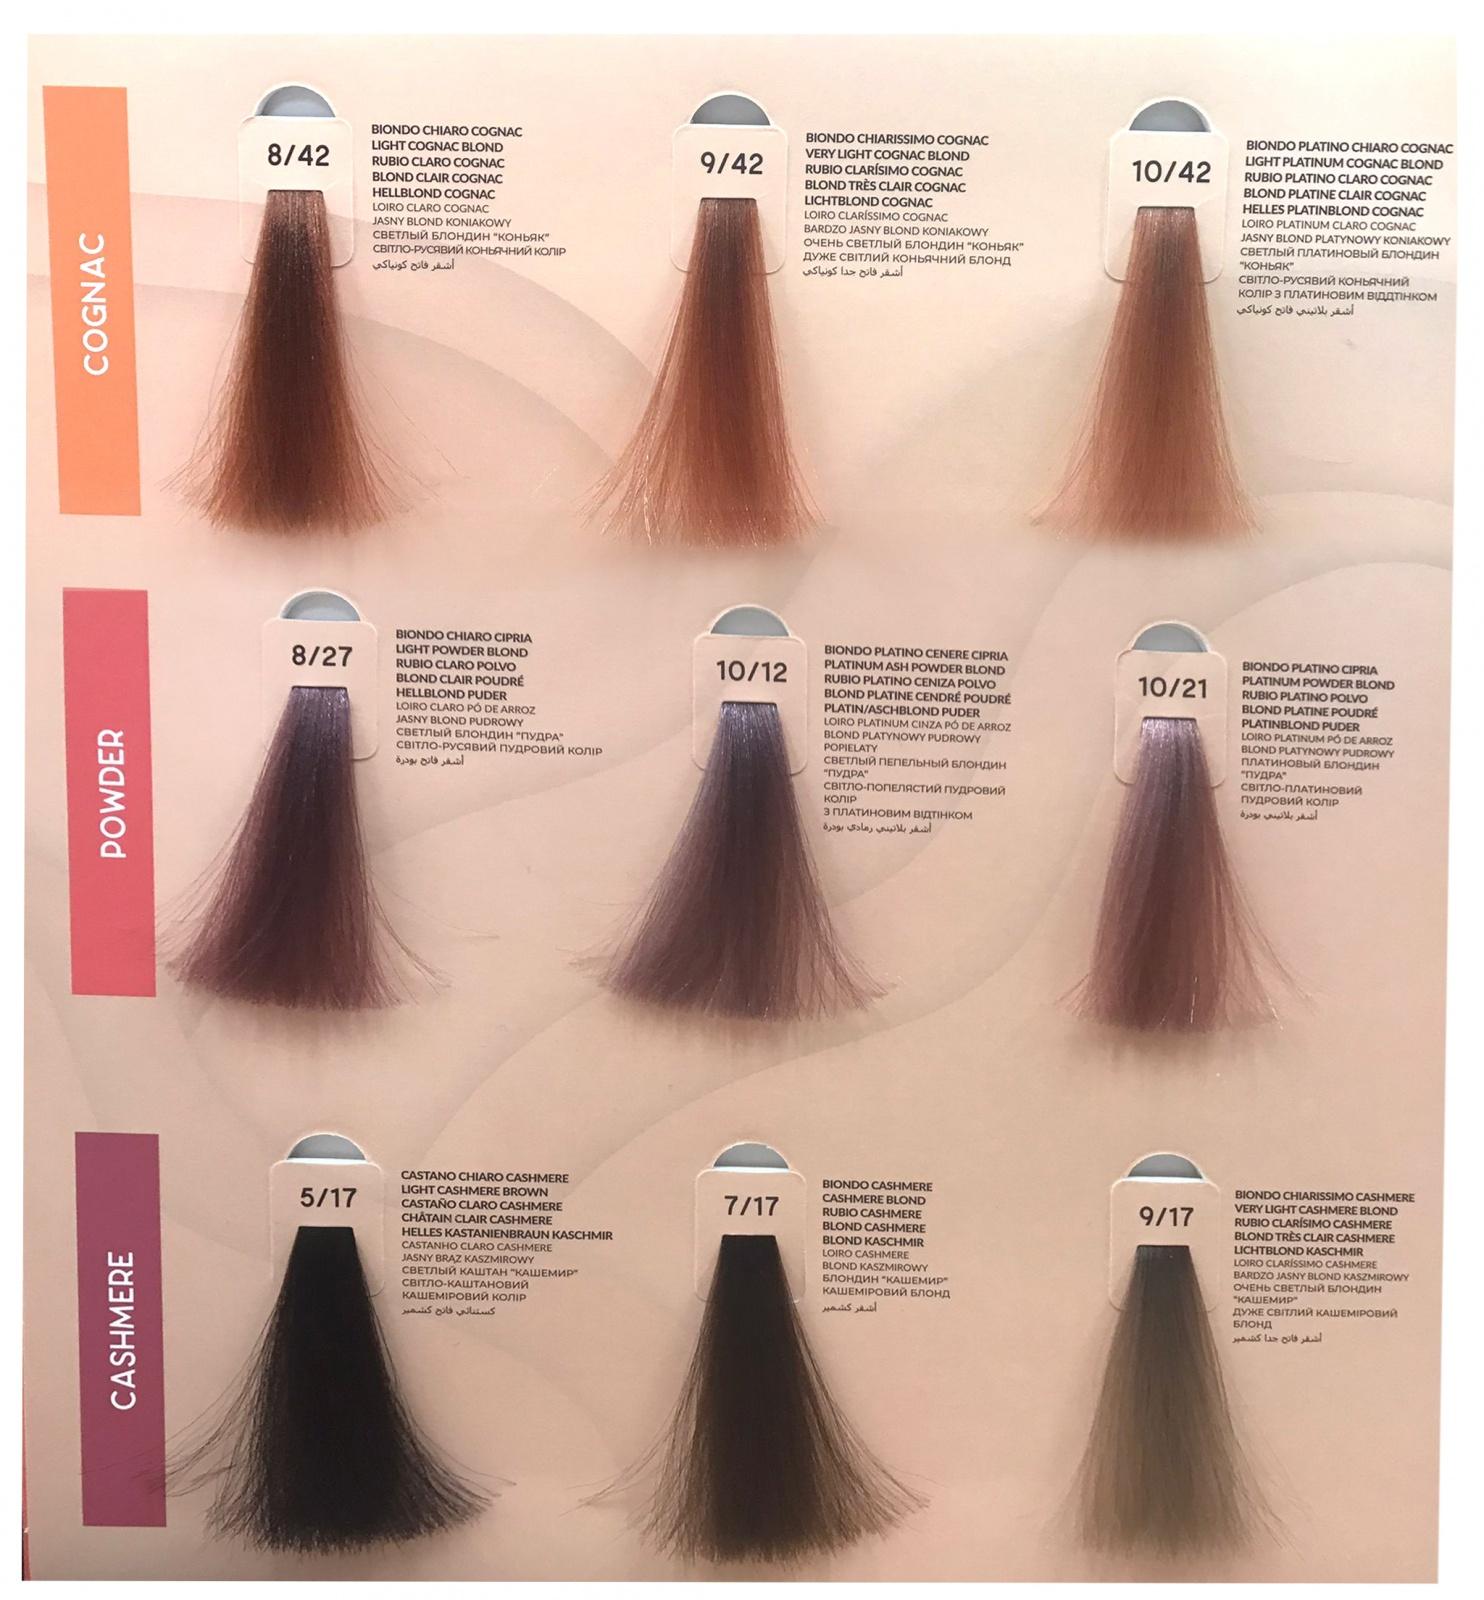 Inebrya-Color-Crema-Colorante-Professionale-ad-Ossidazione-100ml-extra-big-15913-869